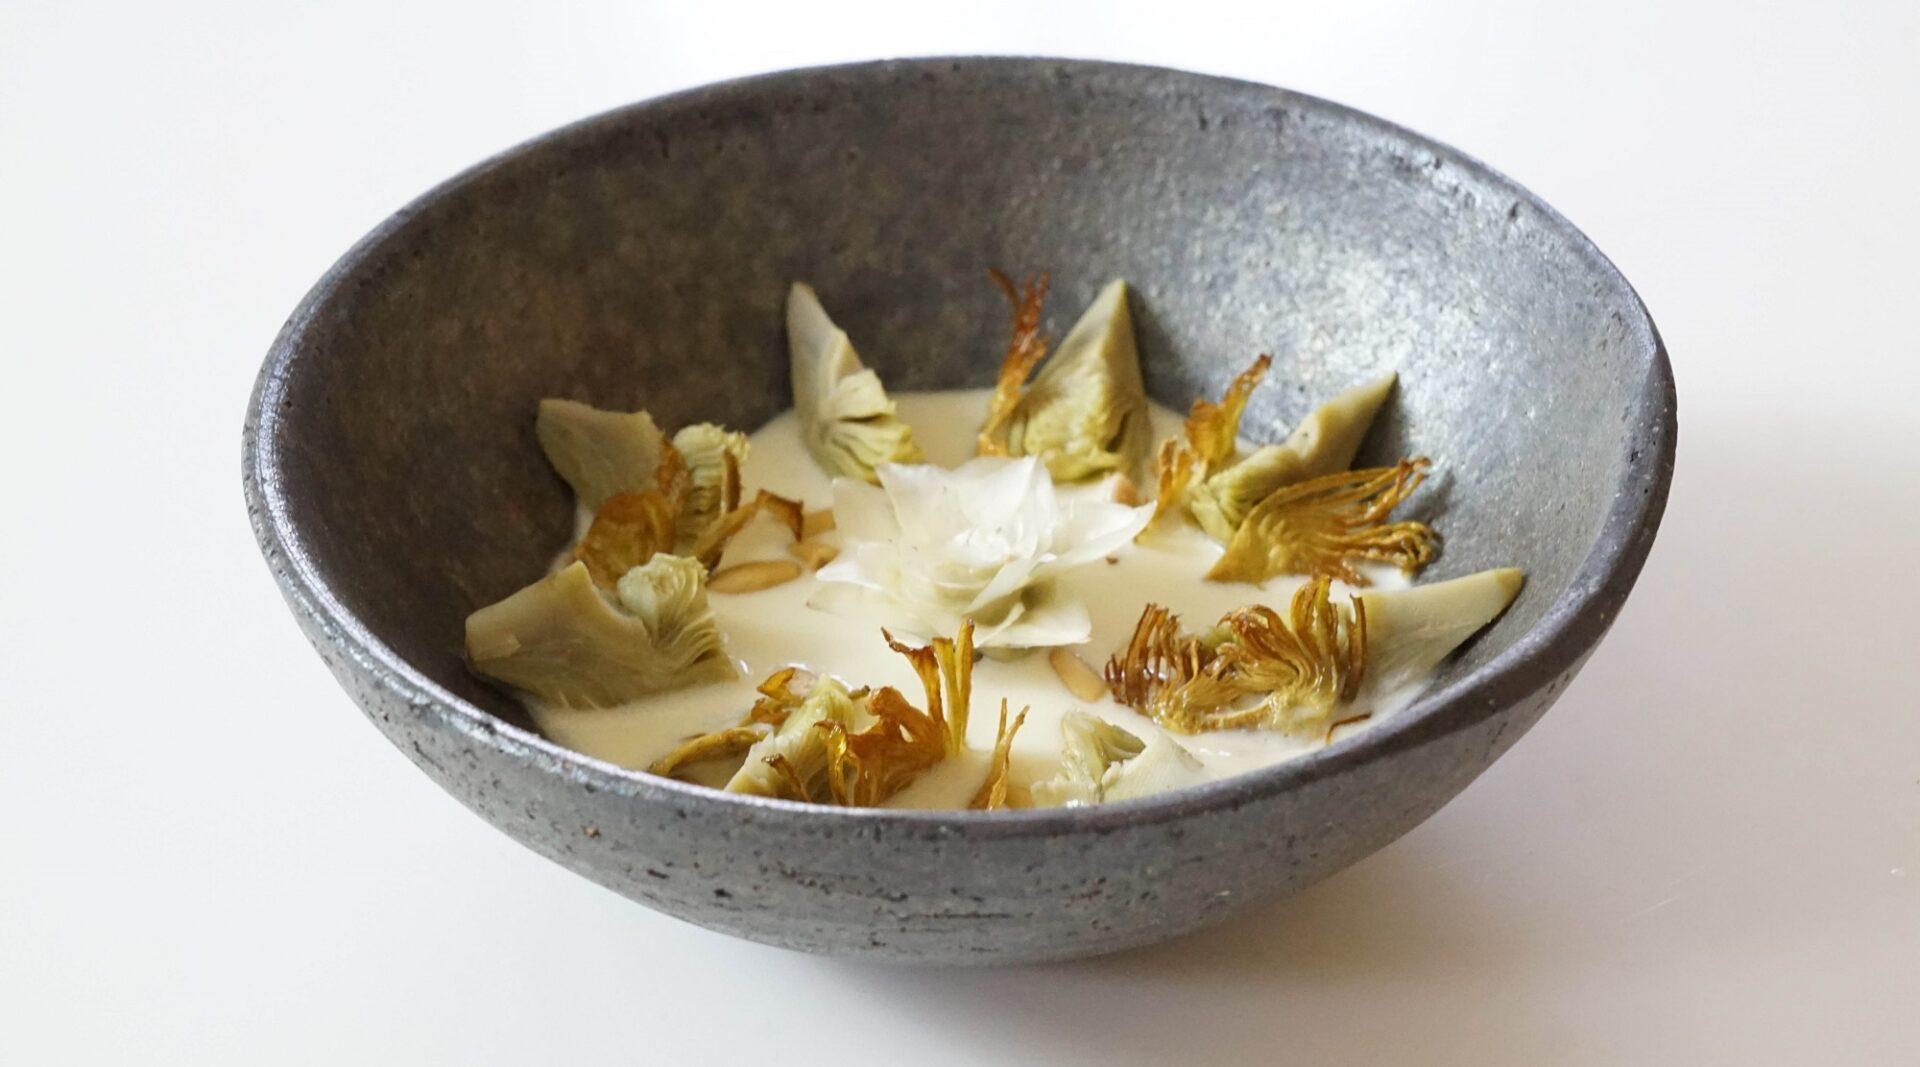 veloute-alcachofa-flor-alcachofa-piñones-queso-galmesano-bbva-gastronomia-sostenible-celler-joan-roca